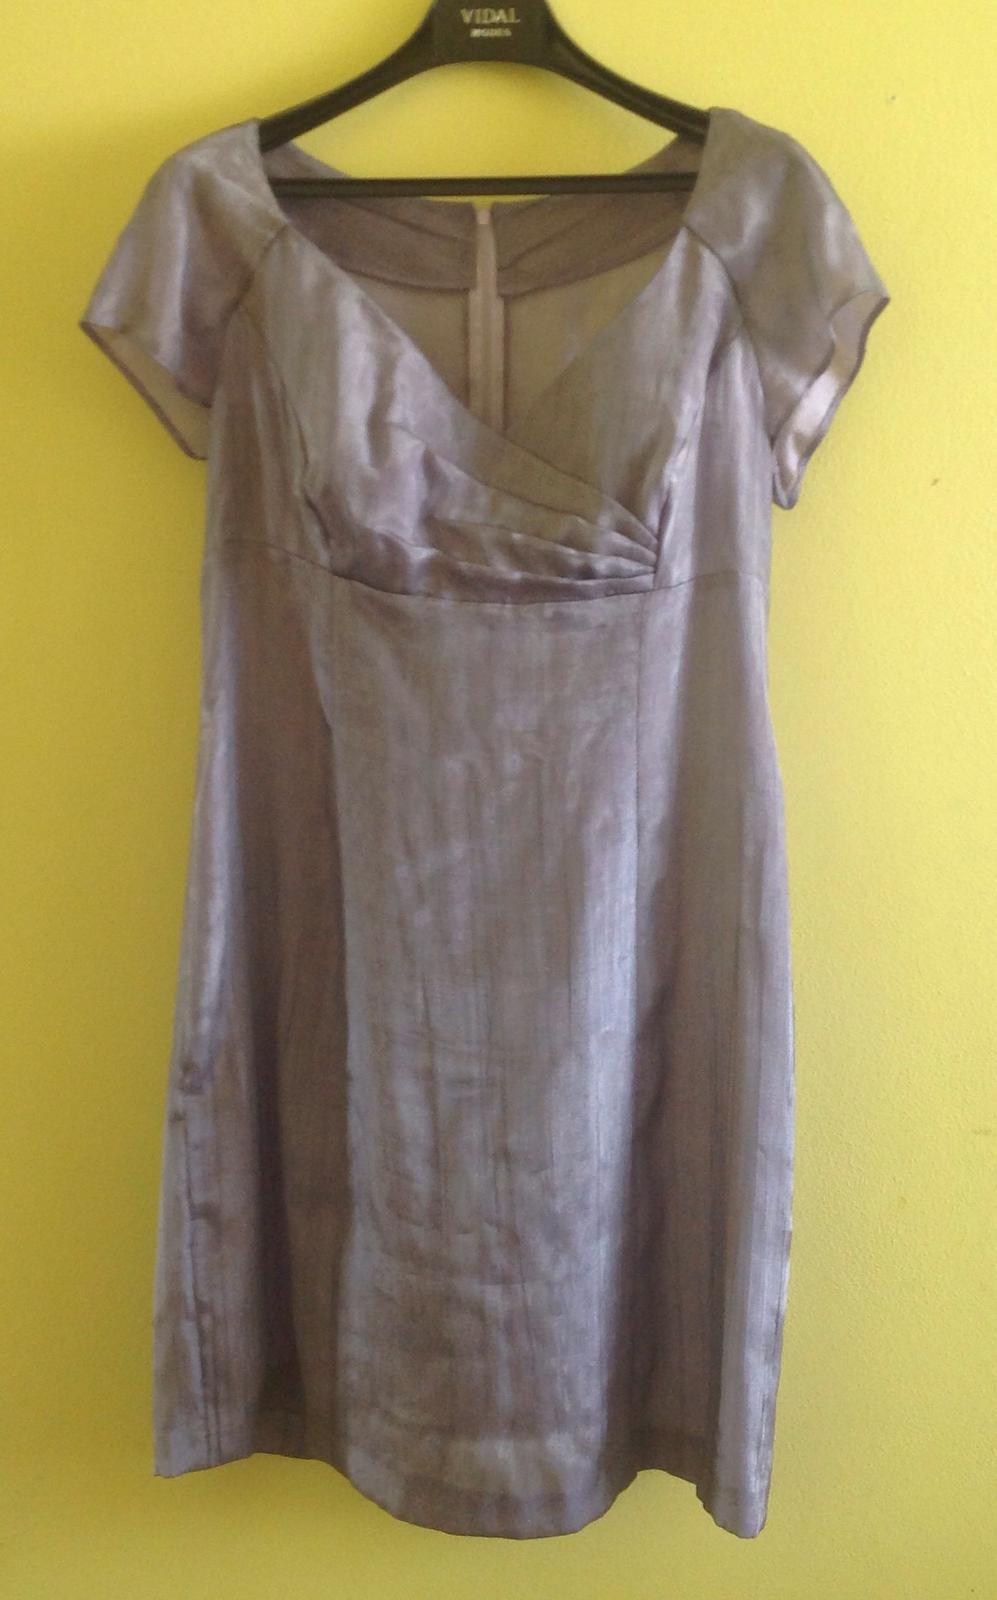 Luxusní šaty lehounké vel. 42/44 - Obrázek č. 1